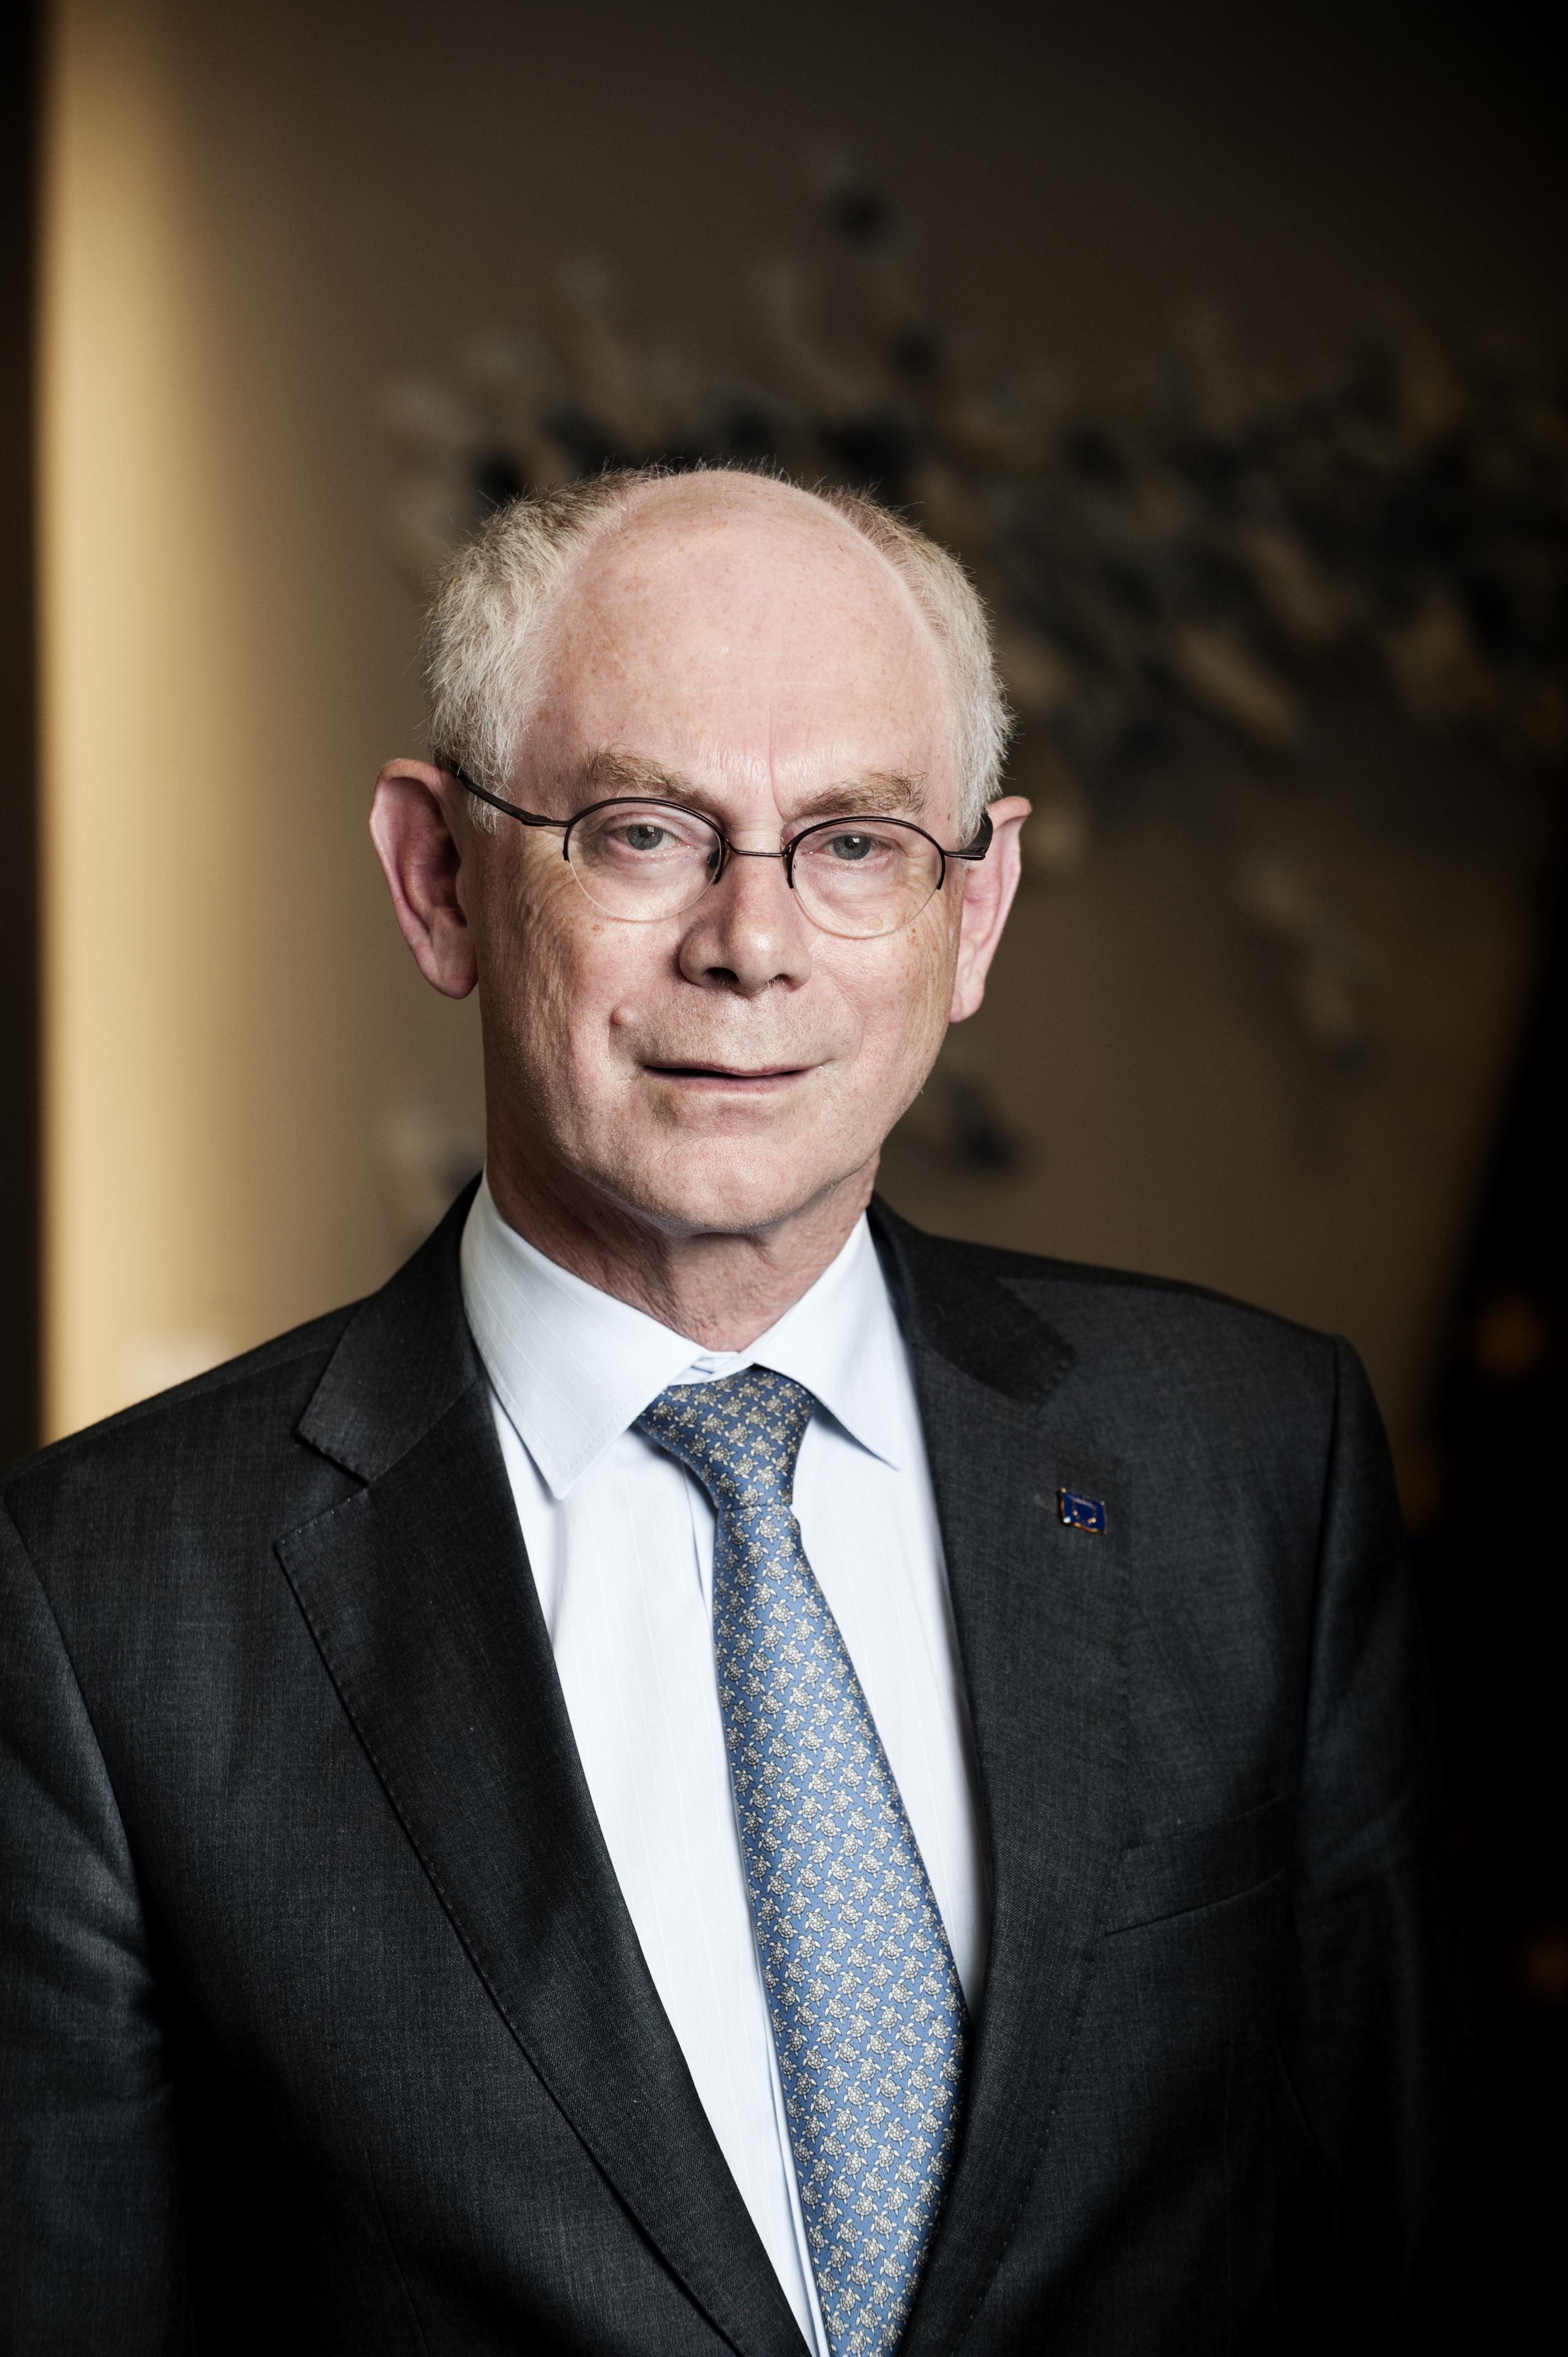 """Herman Van Rompuy: """"Dat de lidstaten het spreidingsplan voor vluchtelingen niet uitvoeren, is natuurlijk pijnlijk. Maar niet alleen een land als Hongarije treft schuld, hè. Ook ons land doet niet genoeg. En vele andere."""" (foto belga)"""